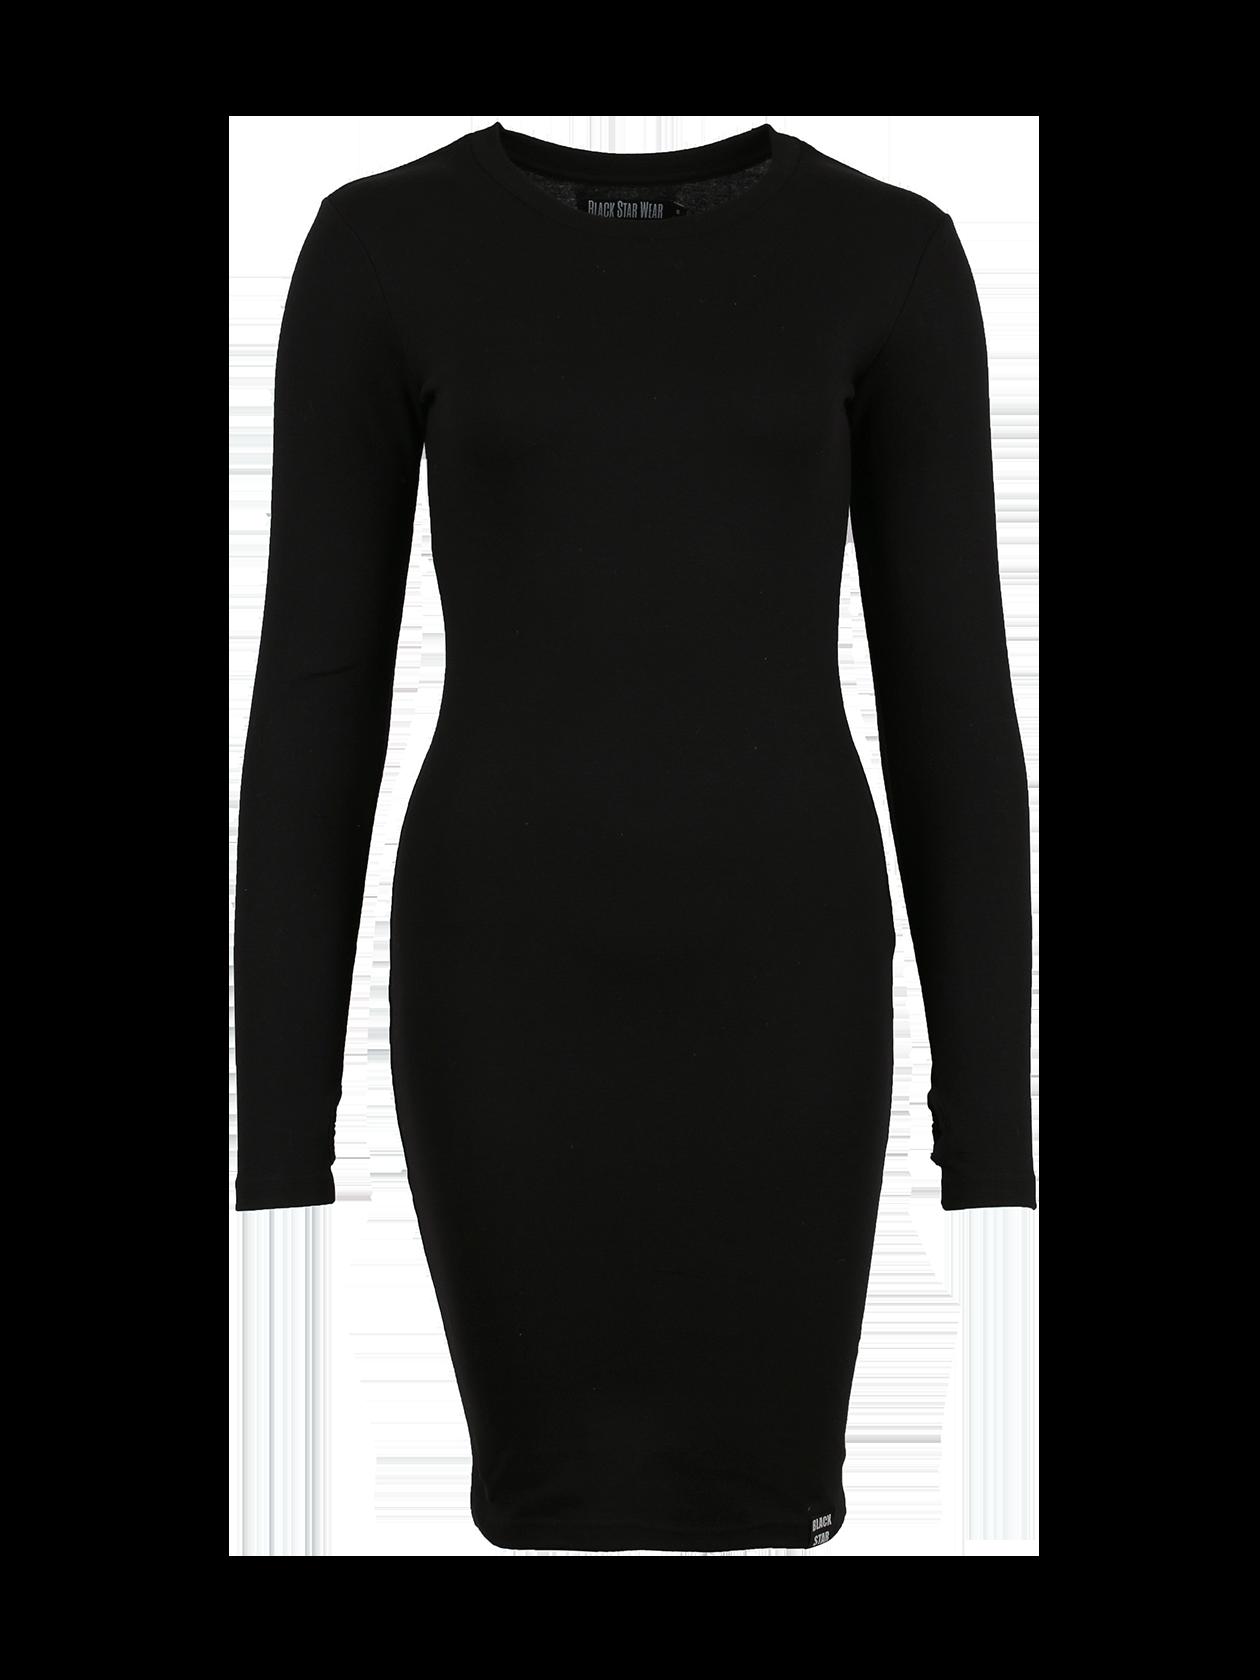 Платье женское SKINNY RIBЧерное платье женское Skinny Rib из новой линии одежды Basic по специальной цене – стильный вариант для создания повседневного образа. Модель облегающего силуэта длиной до колена. Округлая неглубокая горловина с жаккардовым лейблом Black Star Wear на внутренней стороне, длинный рукав с выемкой для большого пальца. Материал изготовления – бленд высококачественного хлопка. Внизу сбоку нашивка с логотипом. Идеально подходит для работы, отдыха, встреч с друзьями.<br><br>Размер: XS<br>Цвет: Черный<br>Пол: Женский